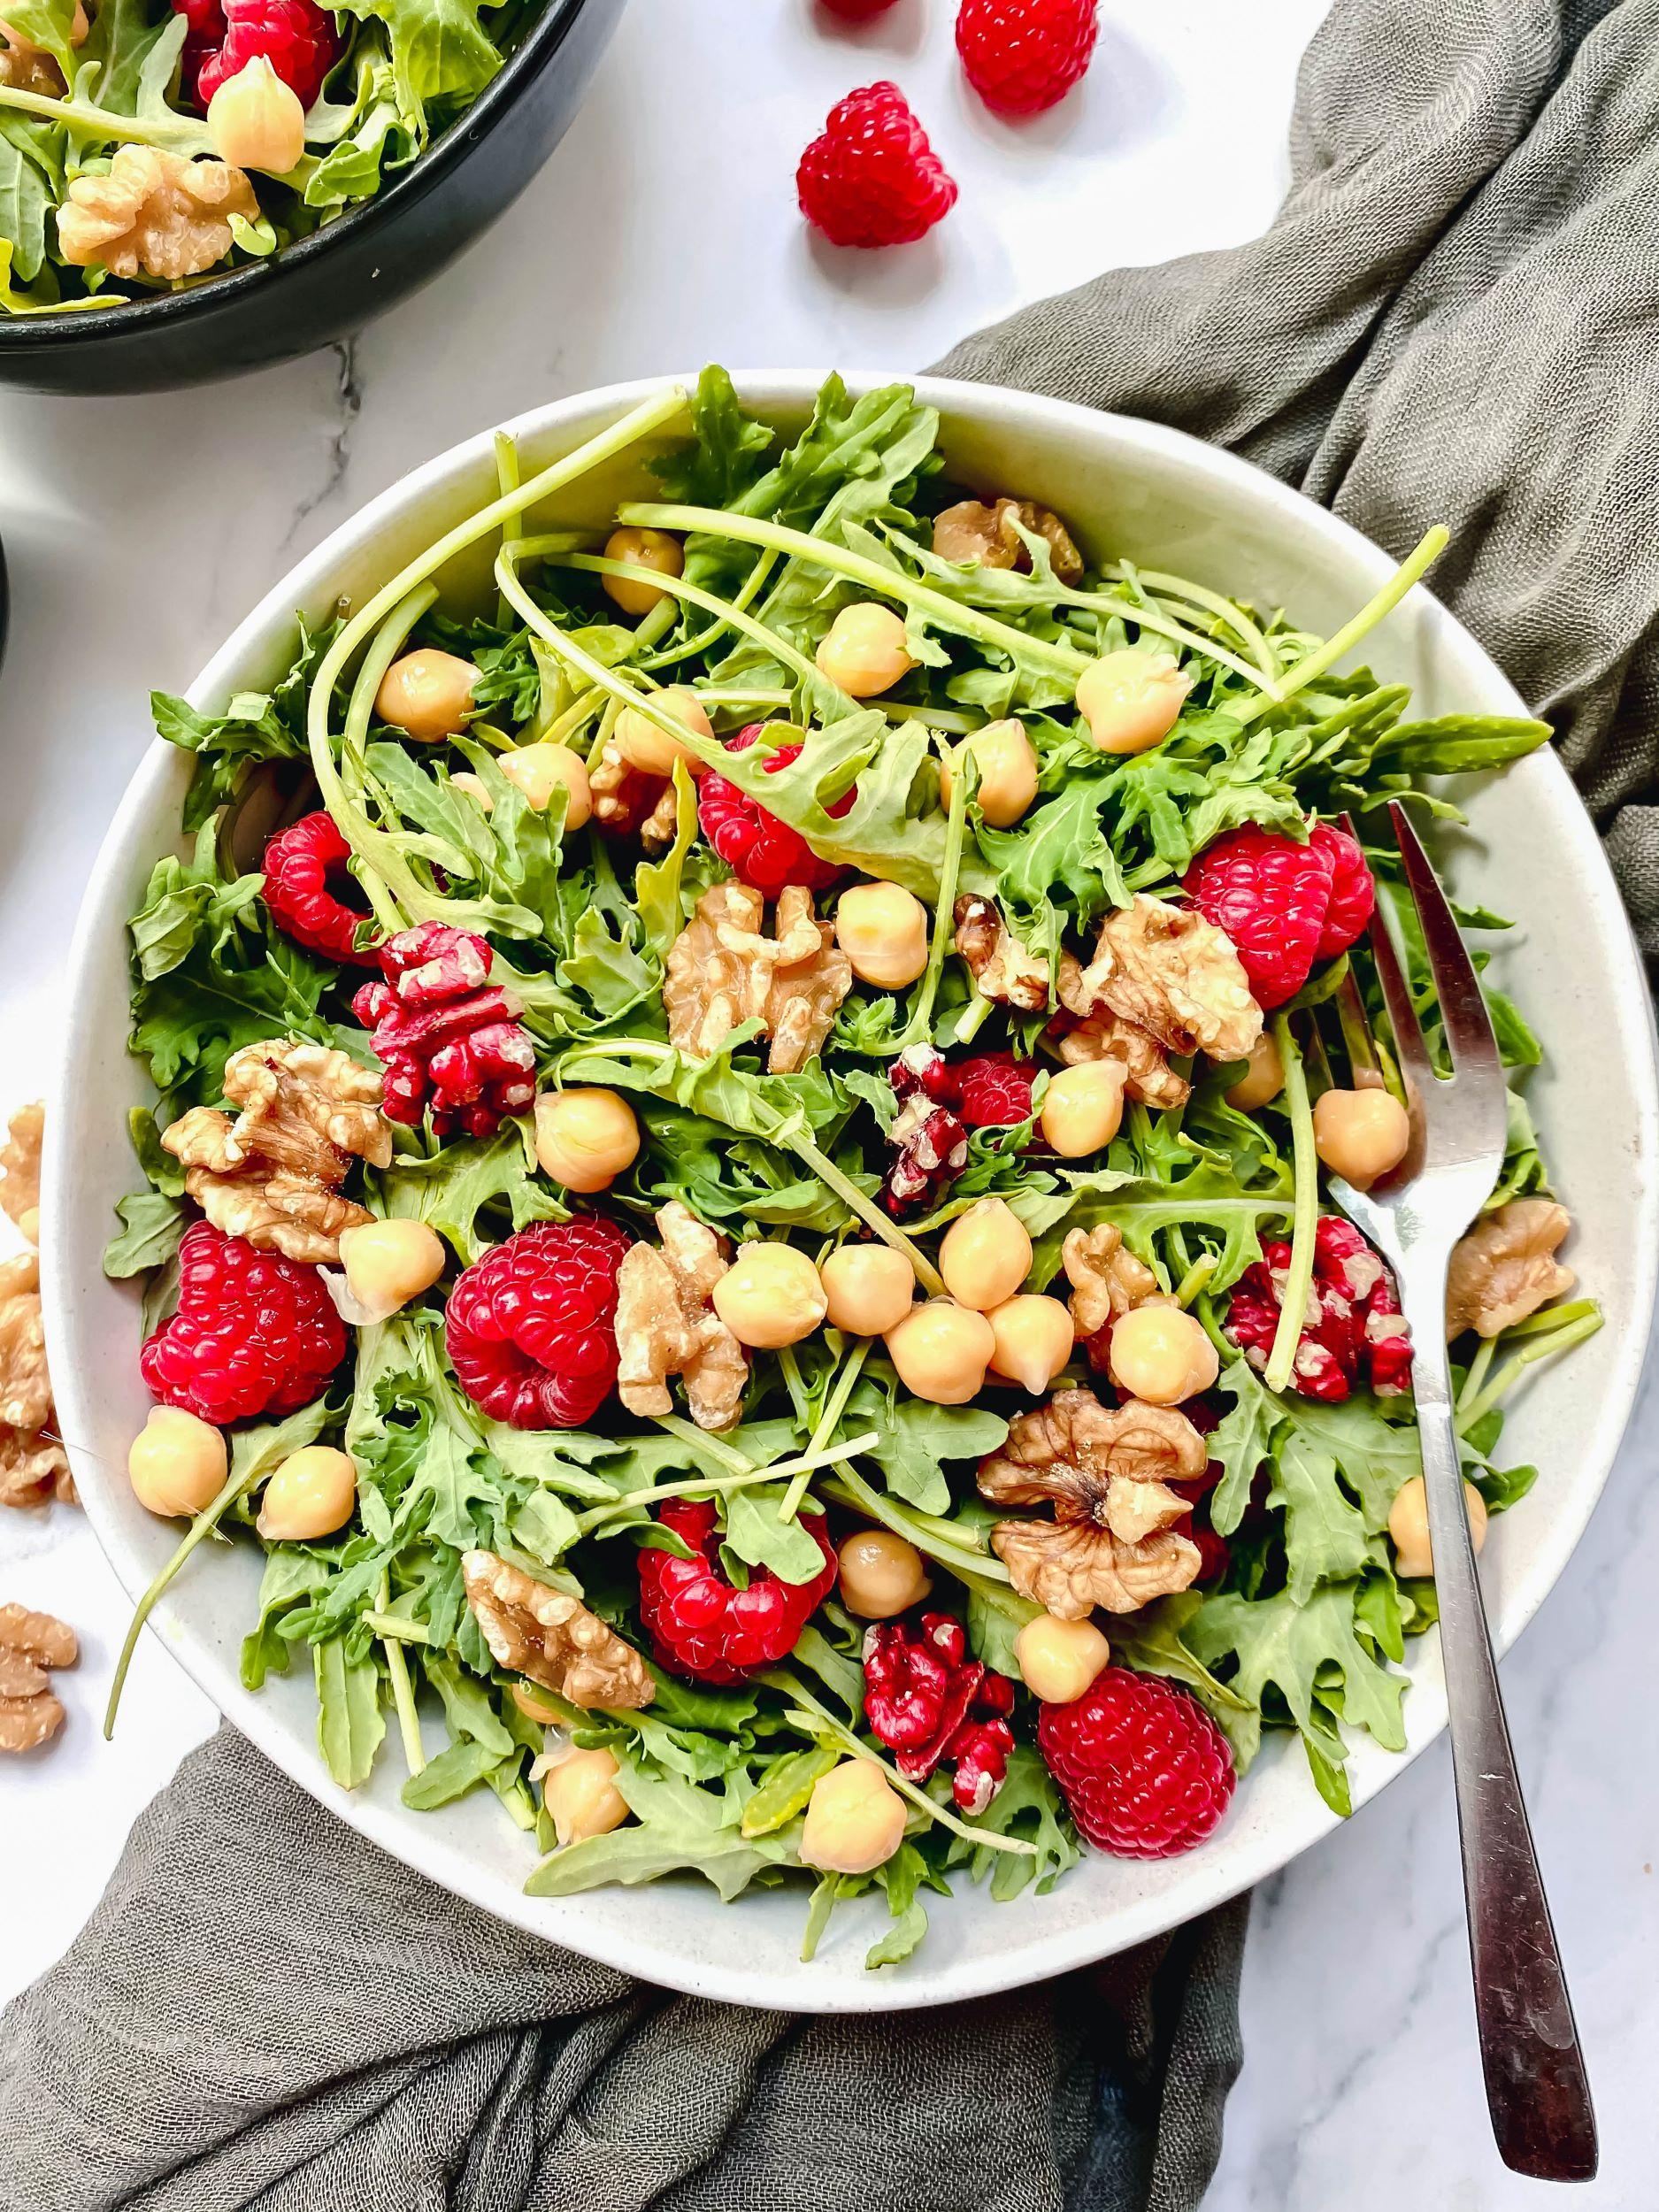 Raspberry Walnut Kale Salad with Creamy Garlic Turmeric Dressing